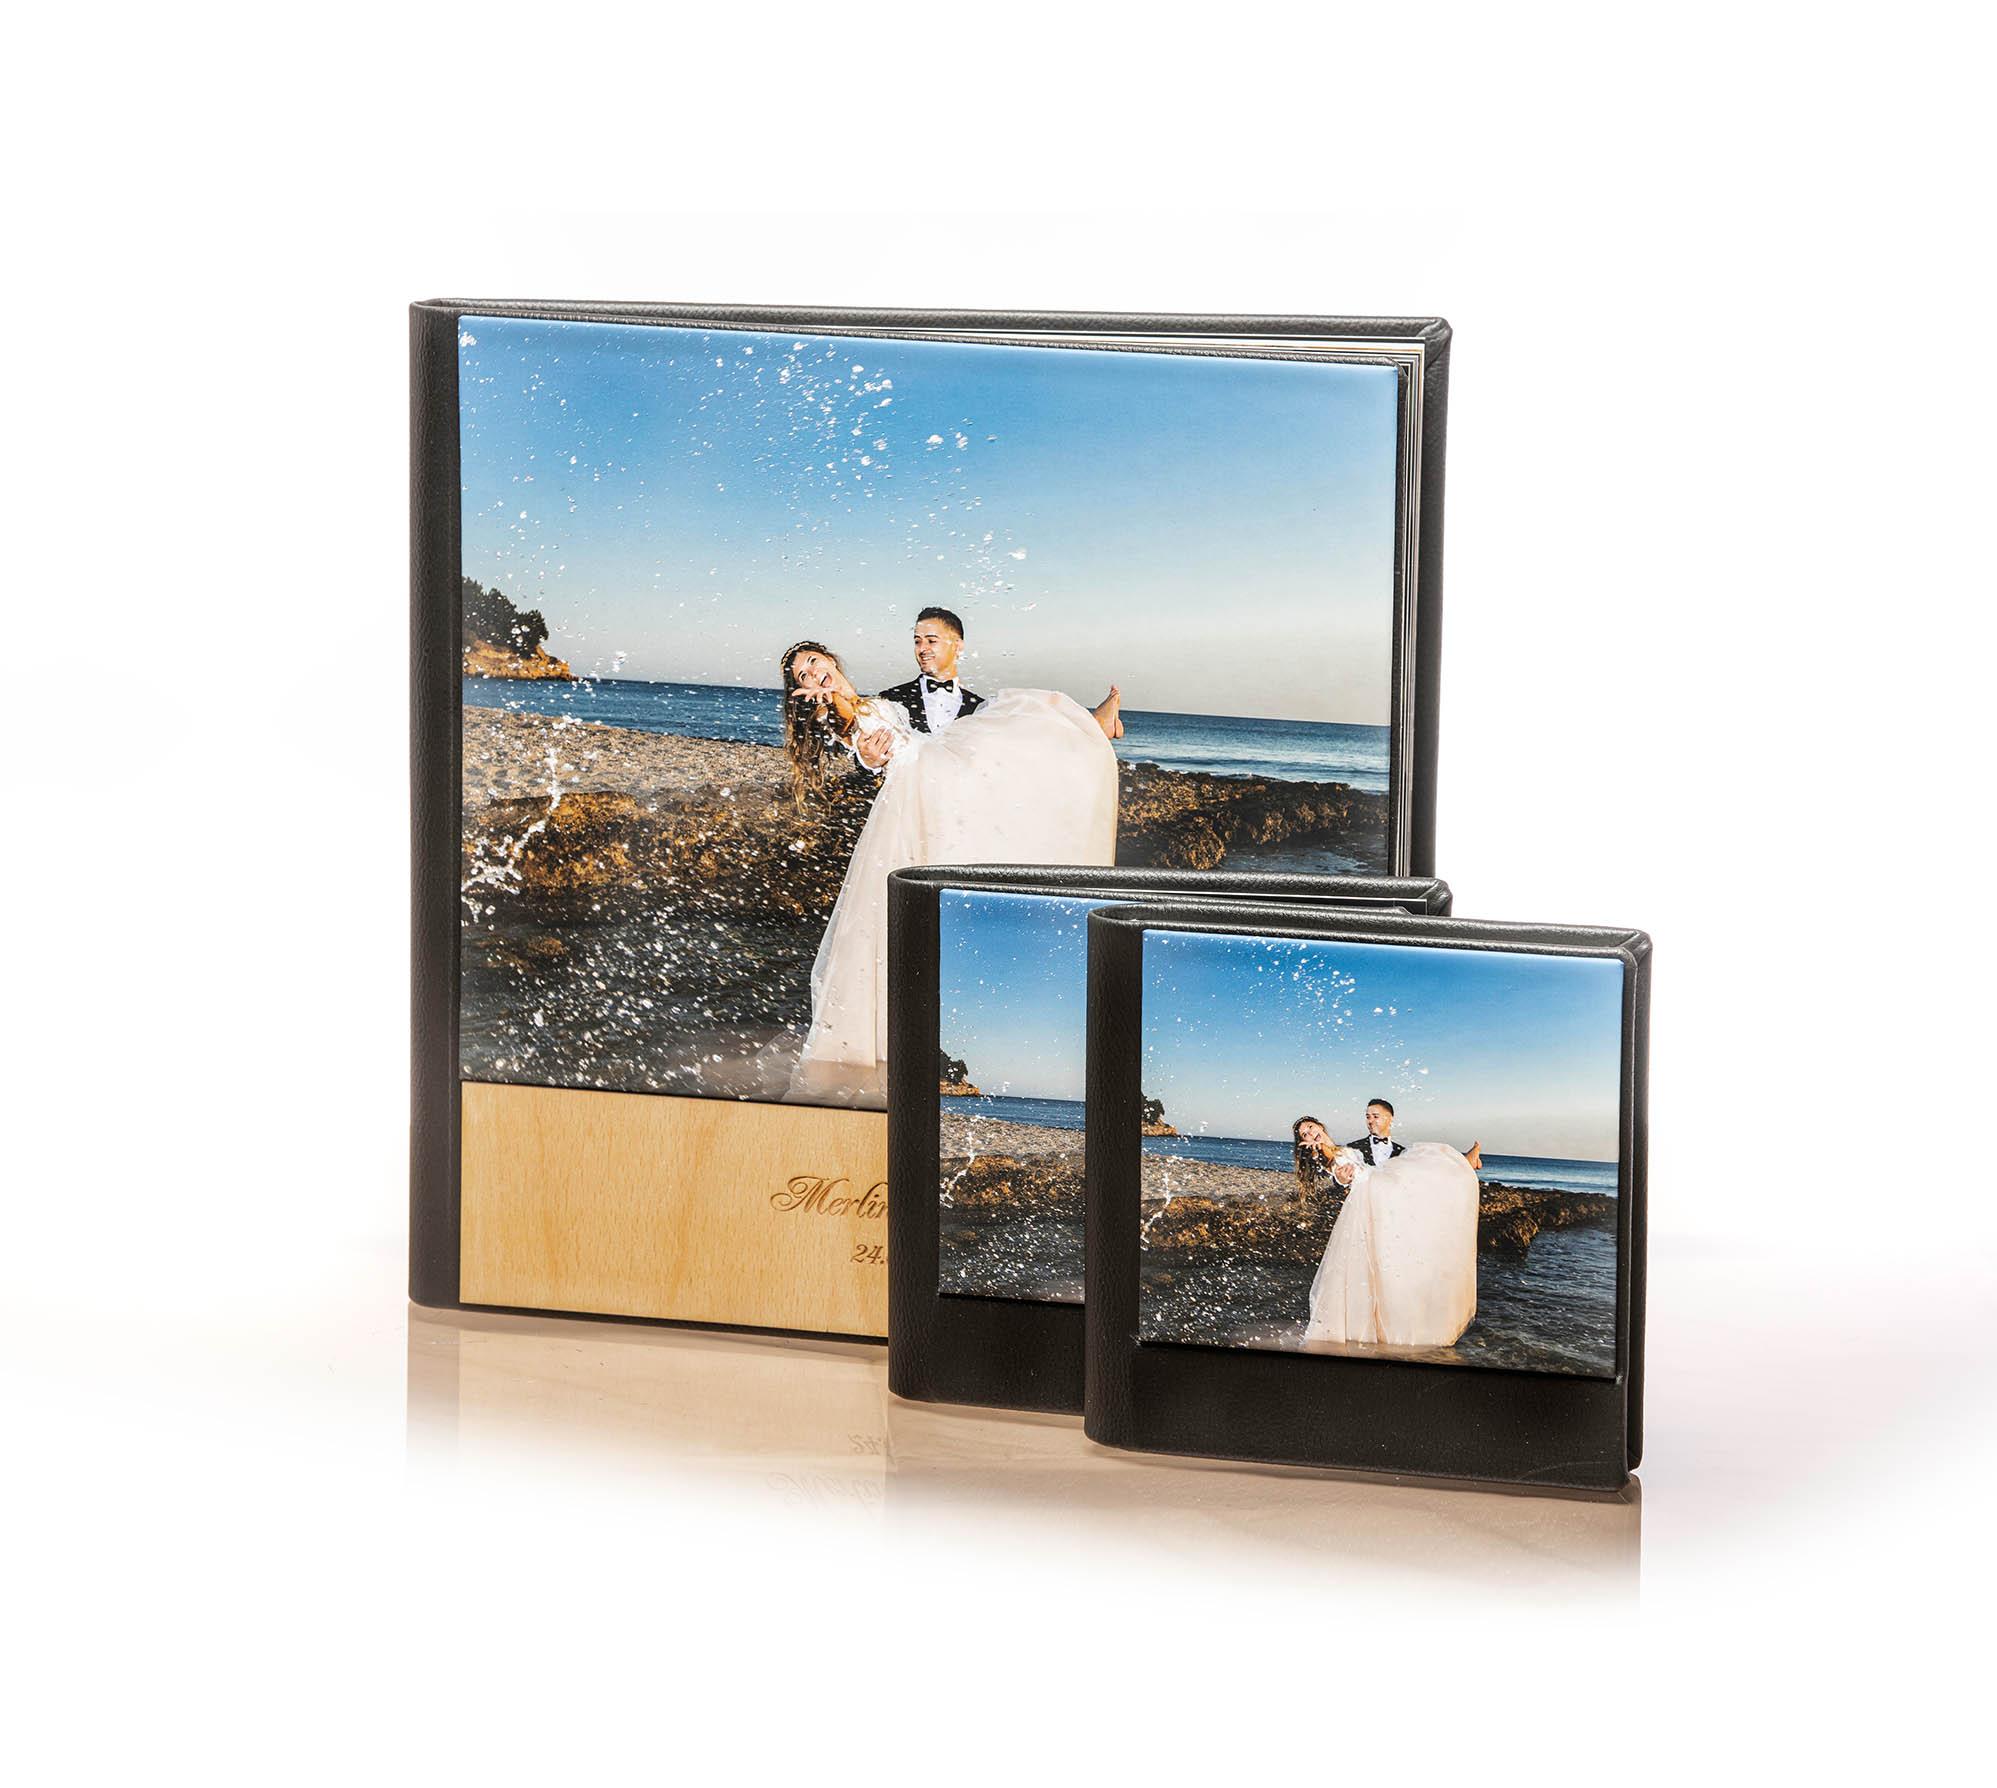 албум фотокнига арт конас